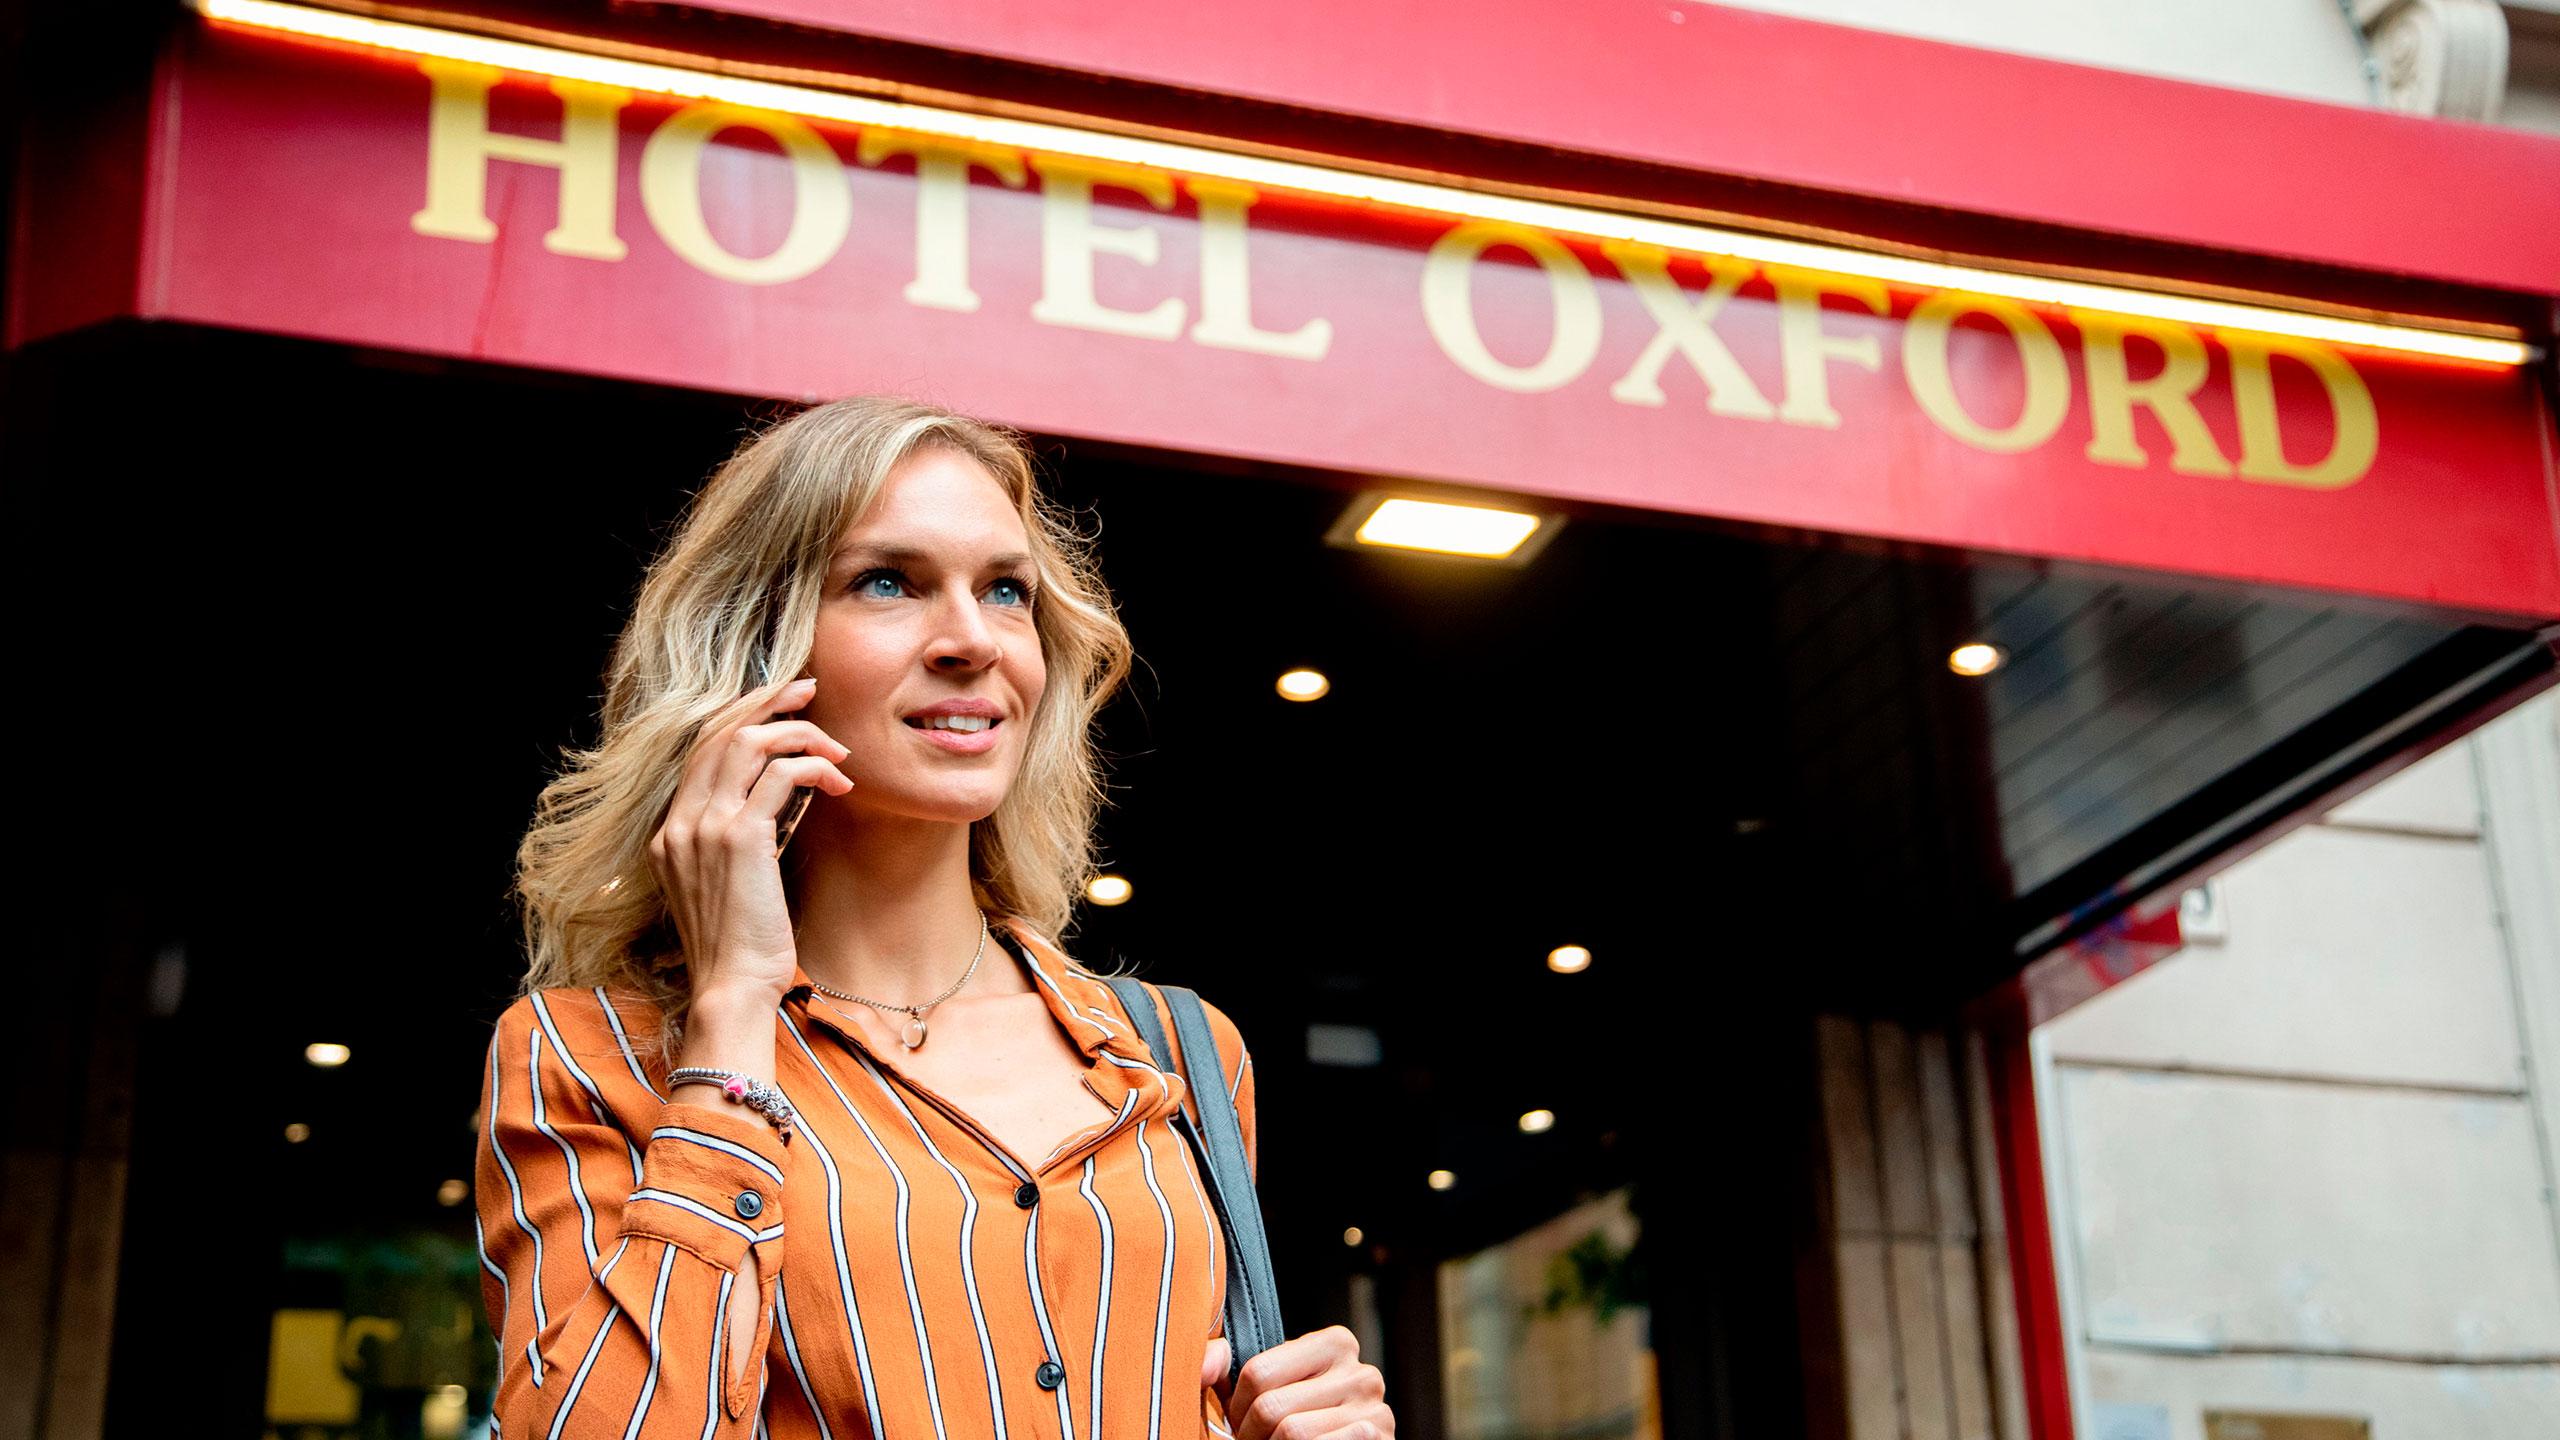 IMG-6591--Hotel-Oxofrd-Roma-Quart-Restaurant.jpg